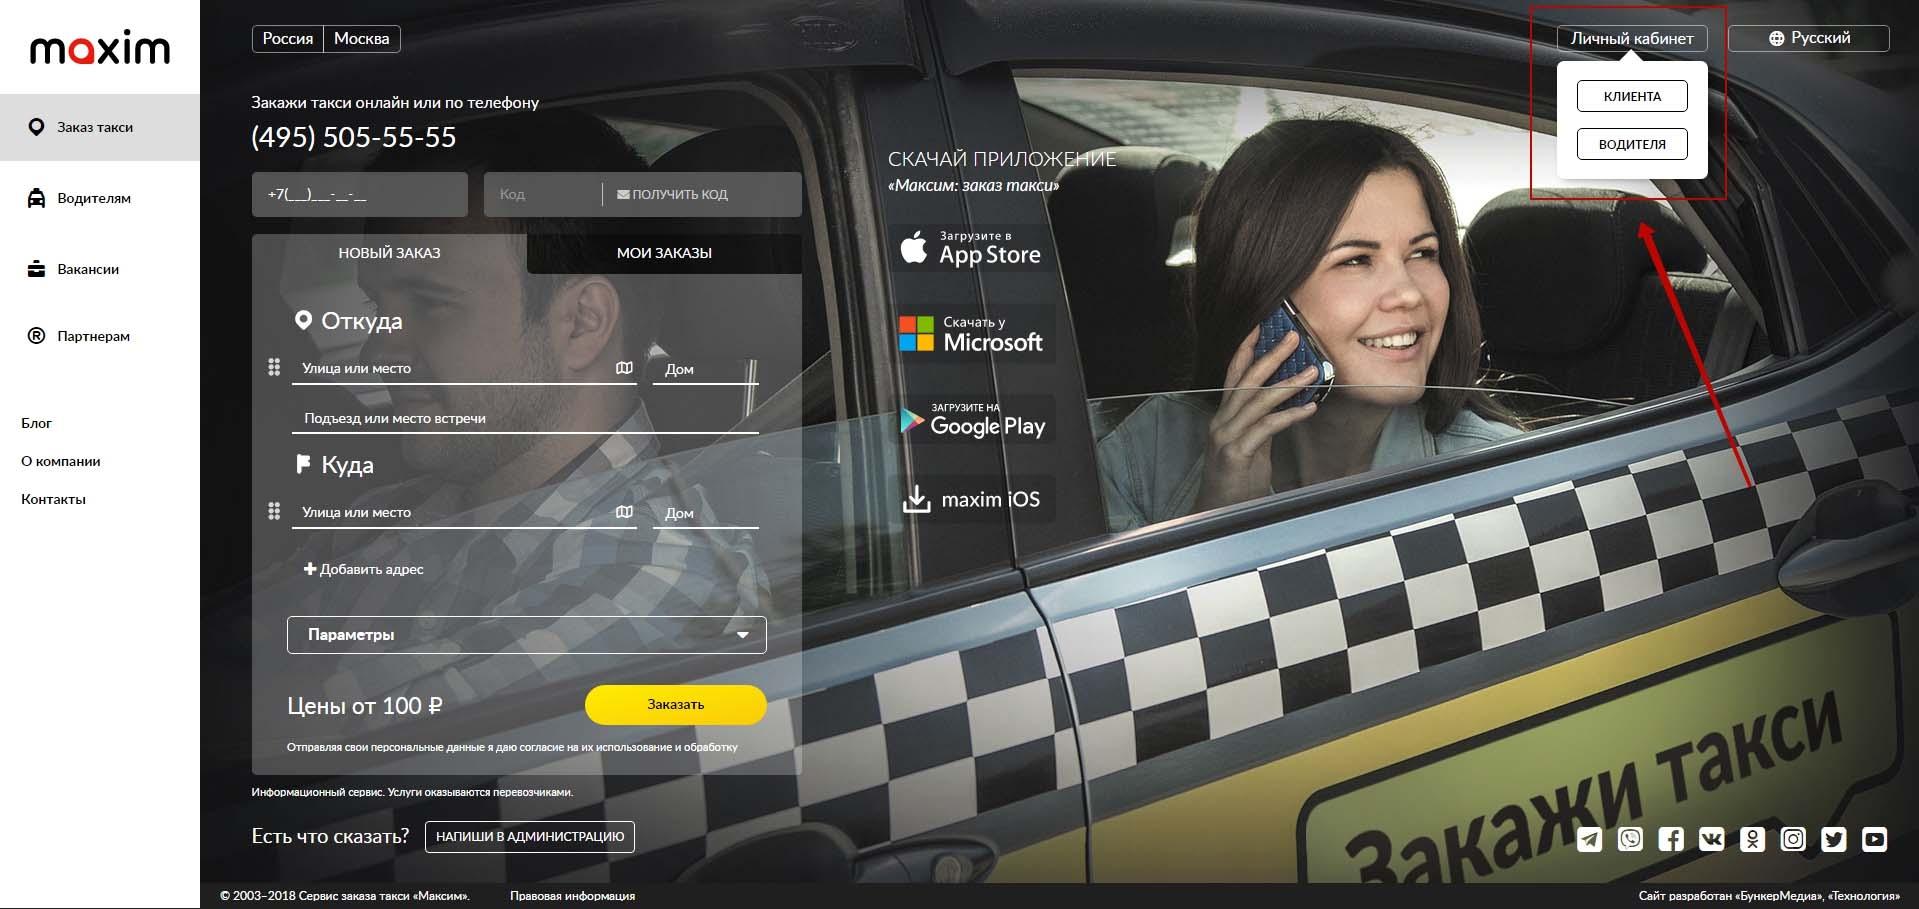 Такси Максим вход в личный кабинет